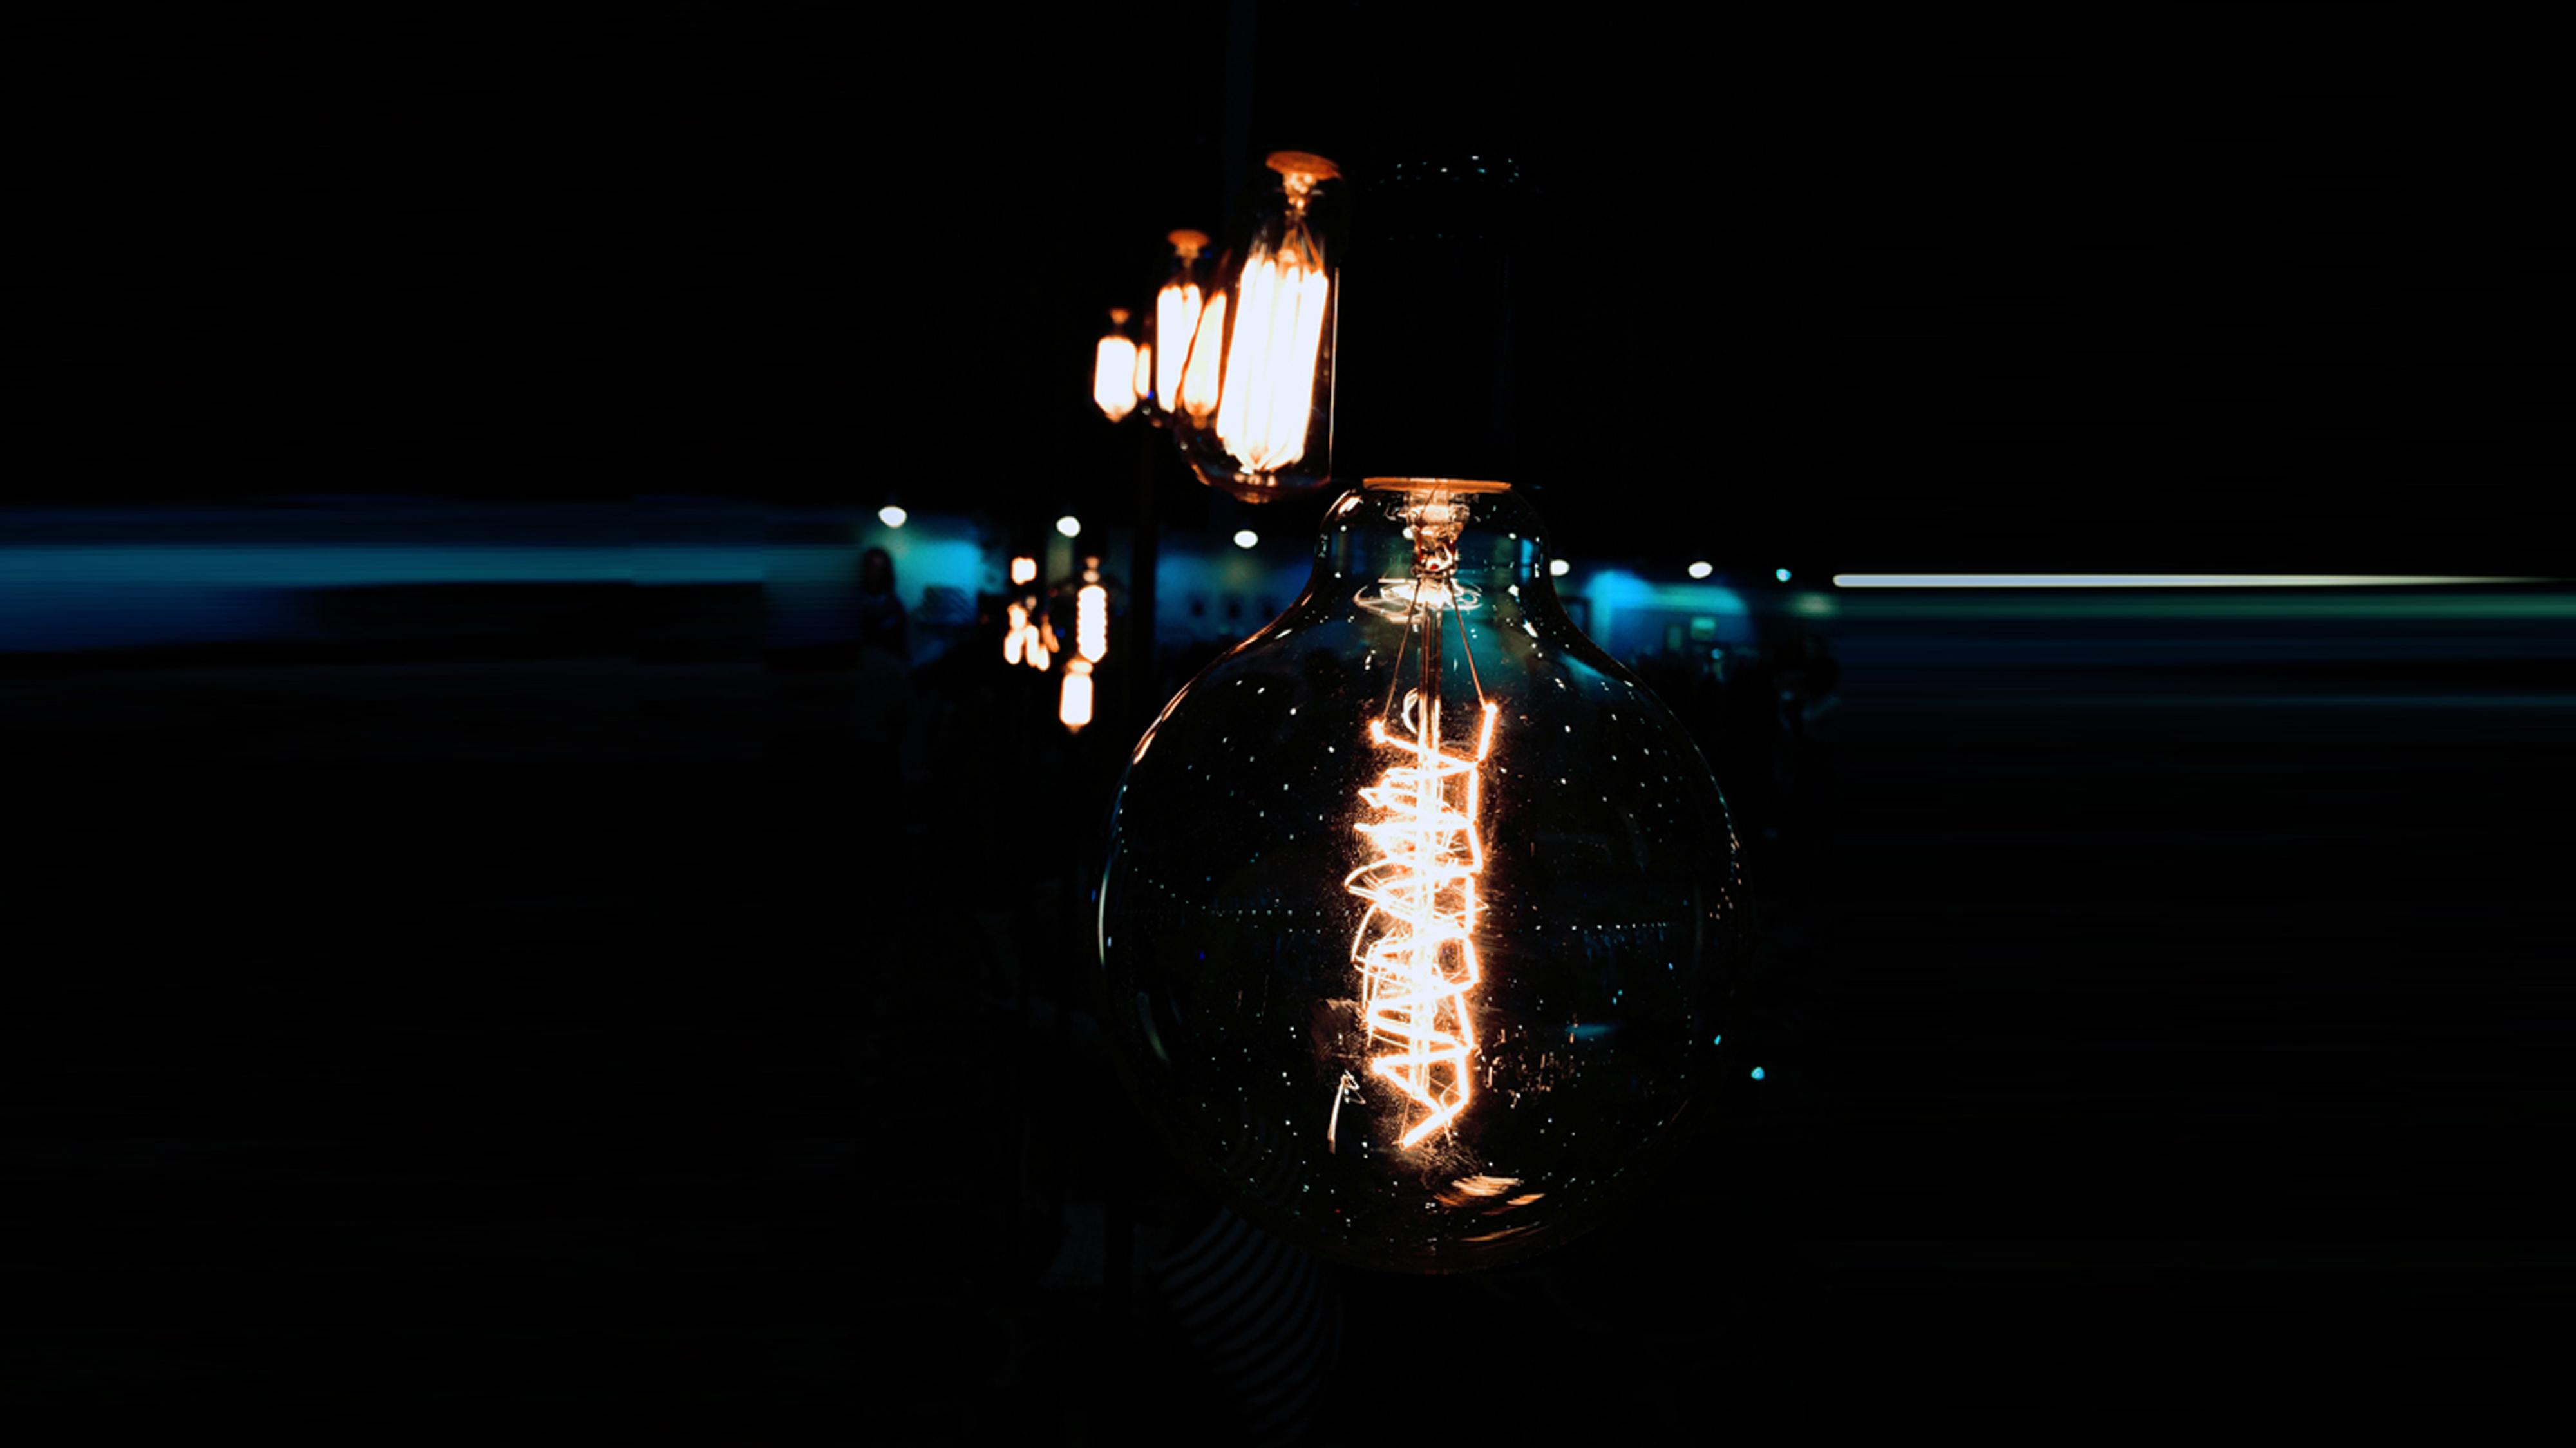 Vintage-Leuchten mit großen Glaskolben bringen den richtigen Steampunk Look